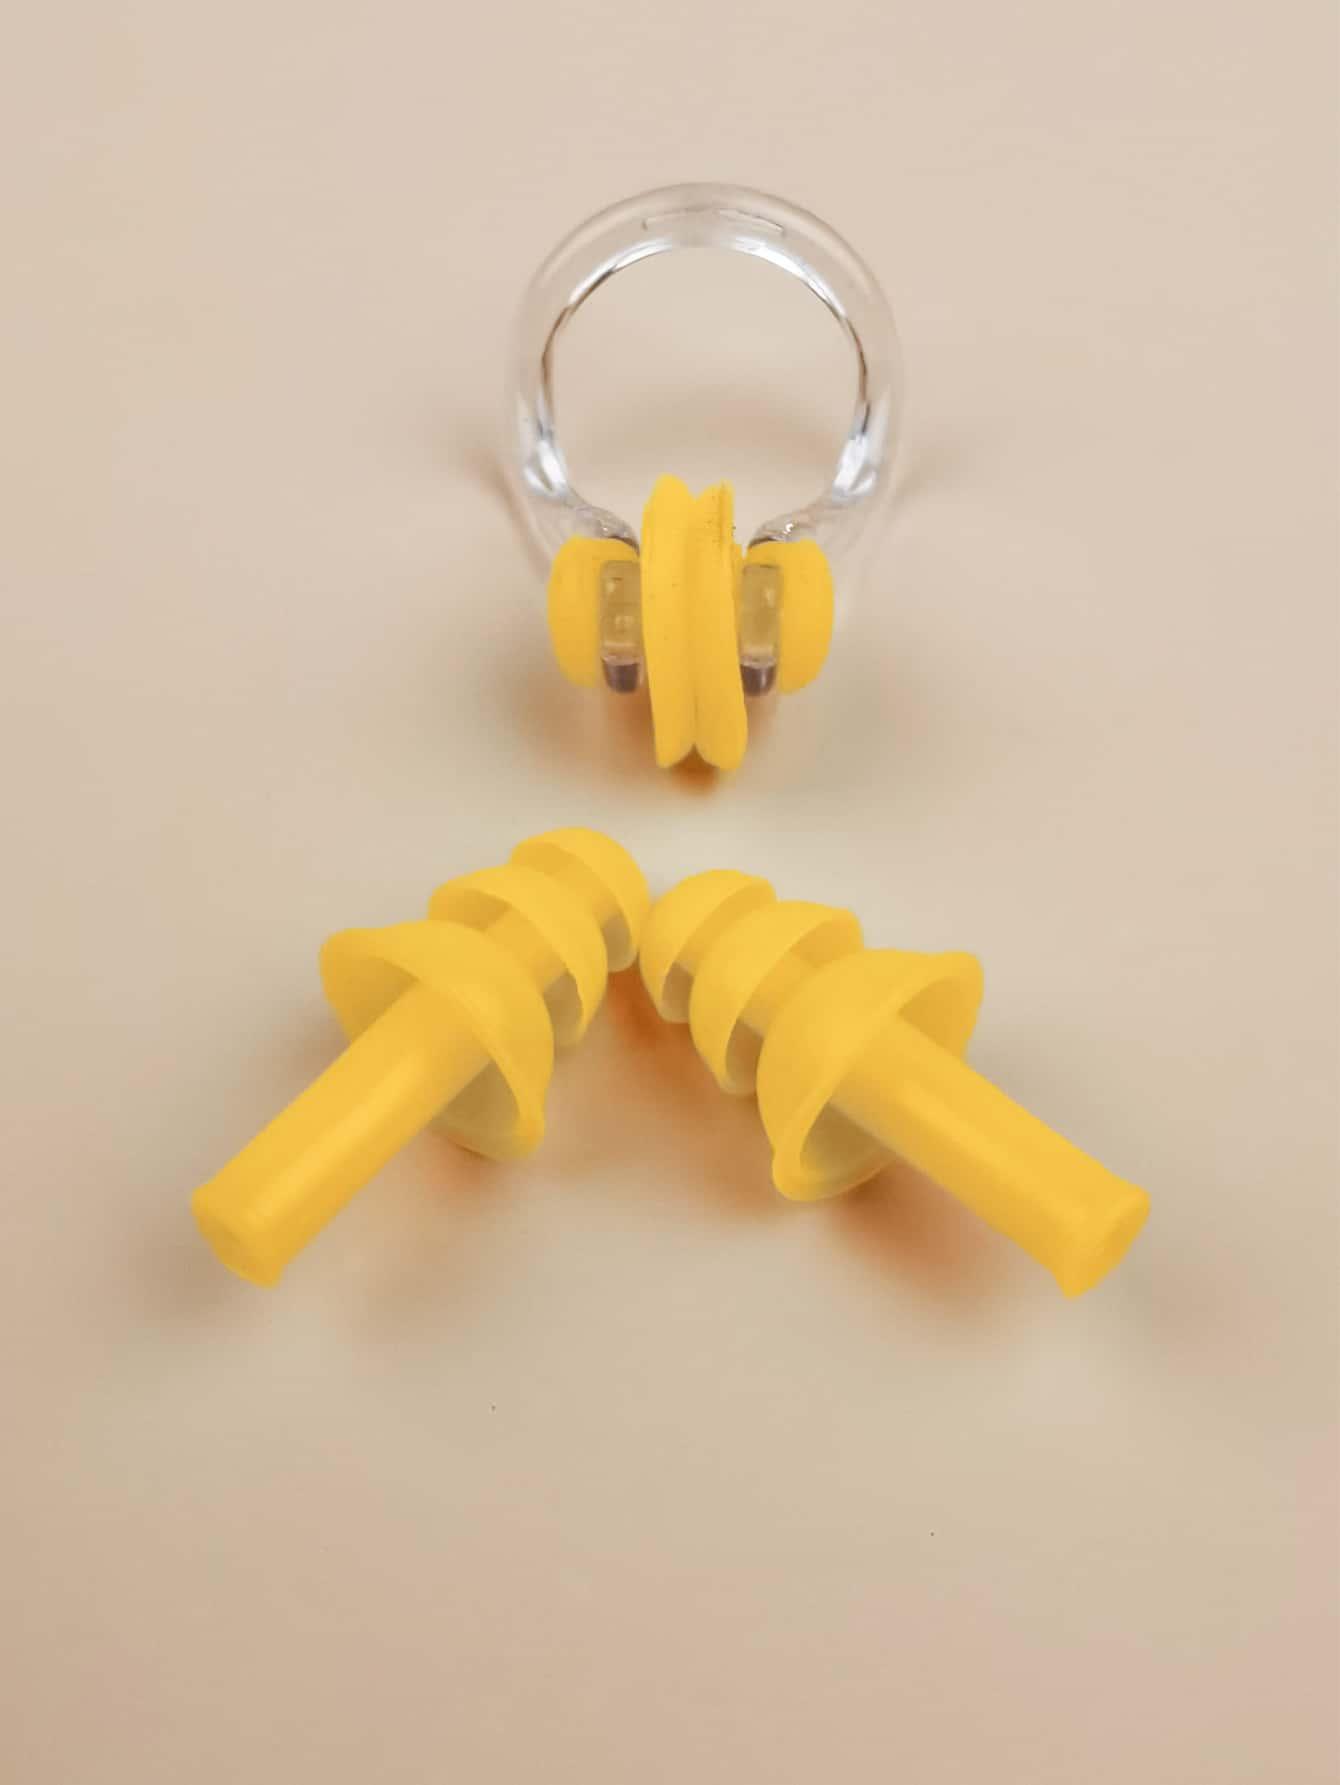 Водонепроницаемый зажим для носа и беруши для плавания swbecacc18210427403